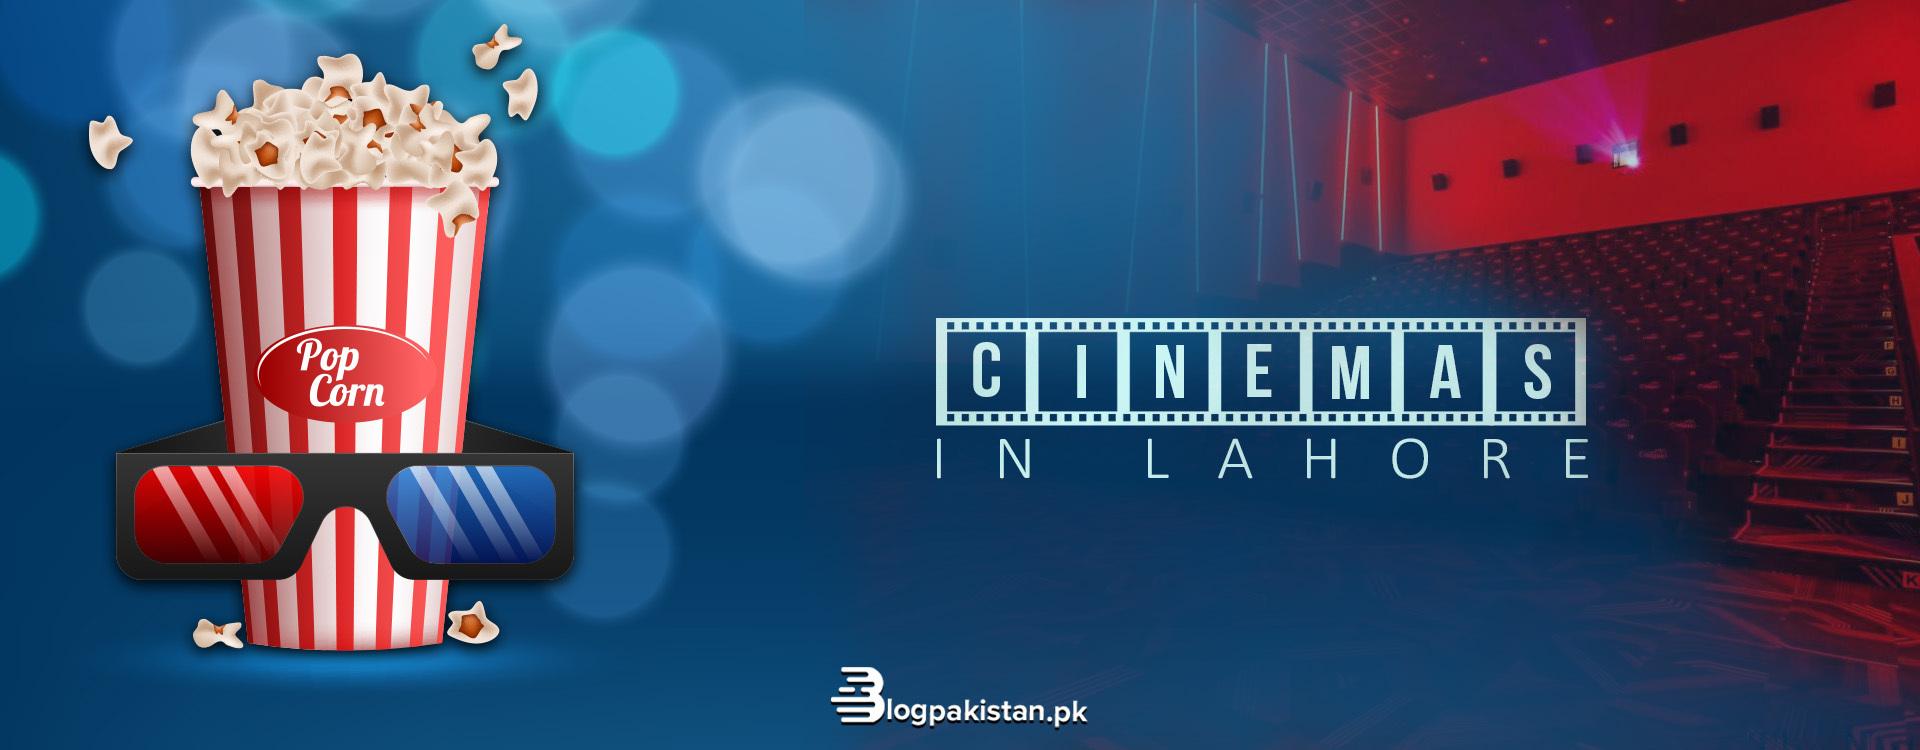 cinemas in Lahore.